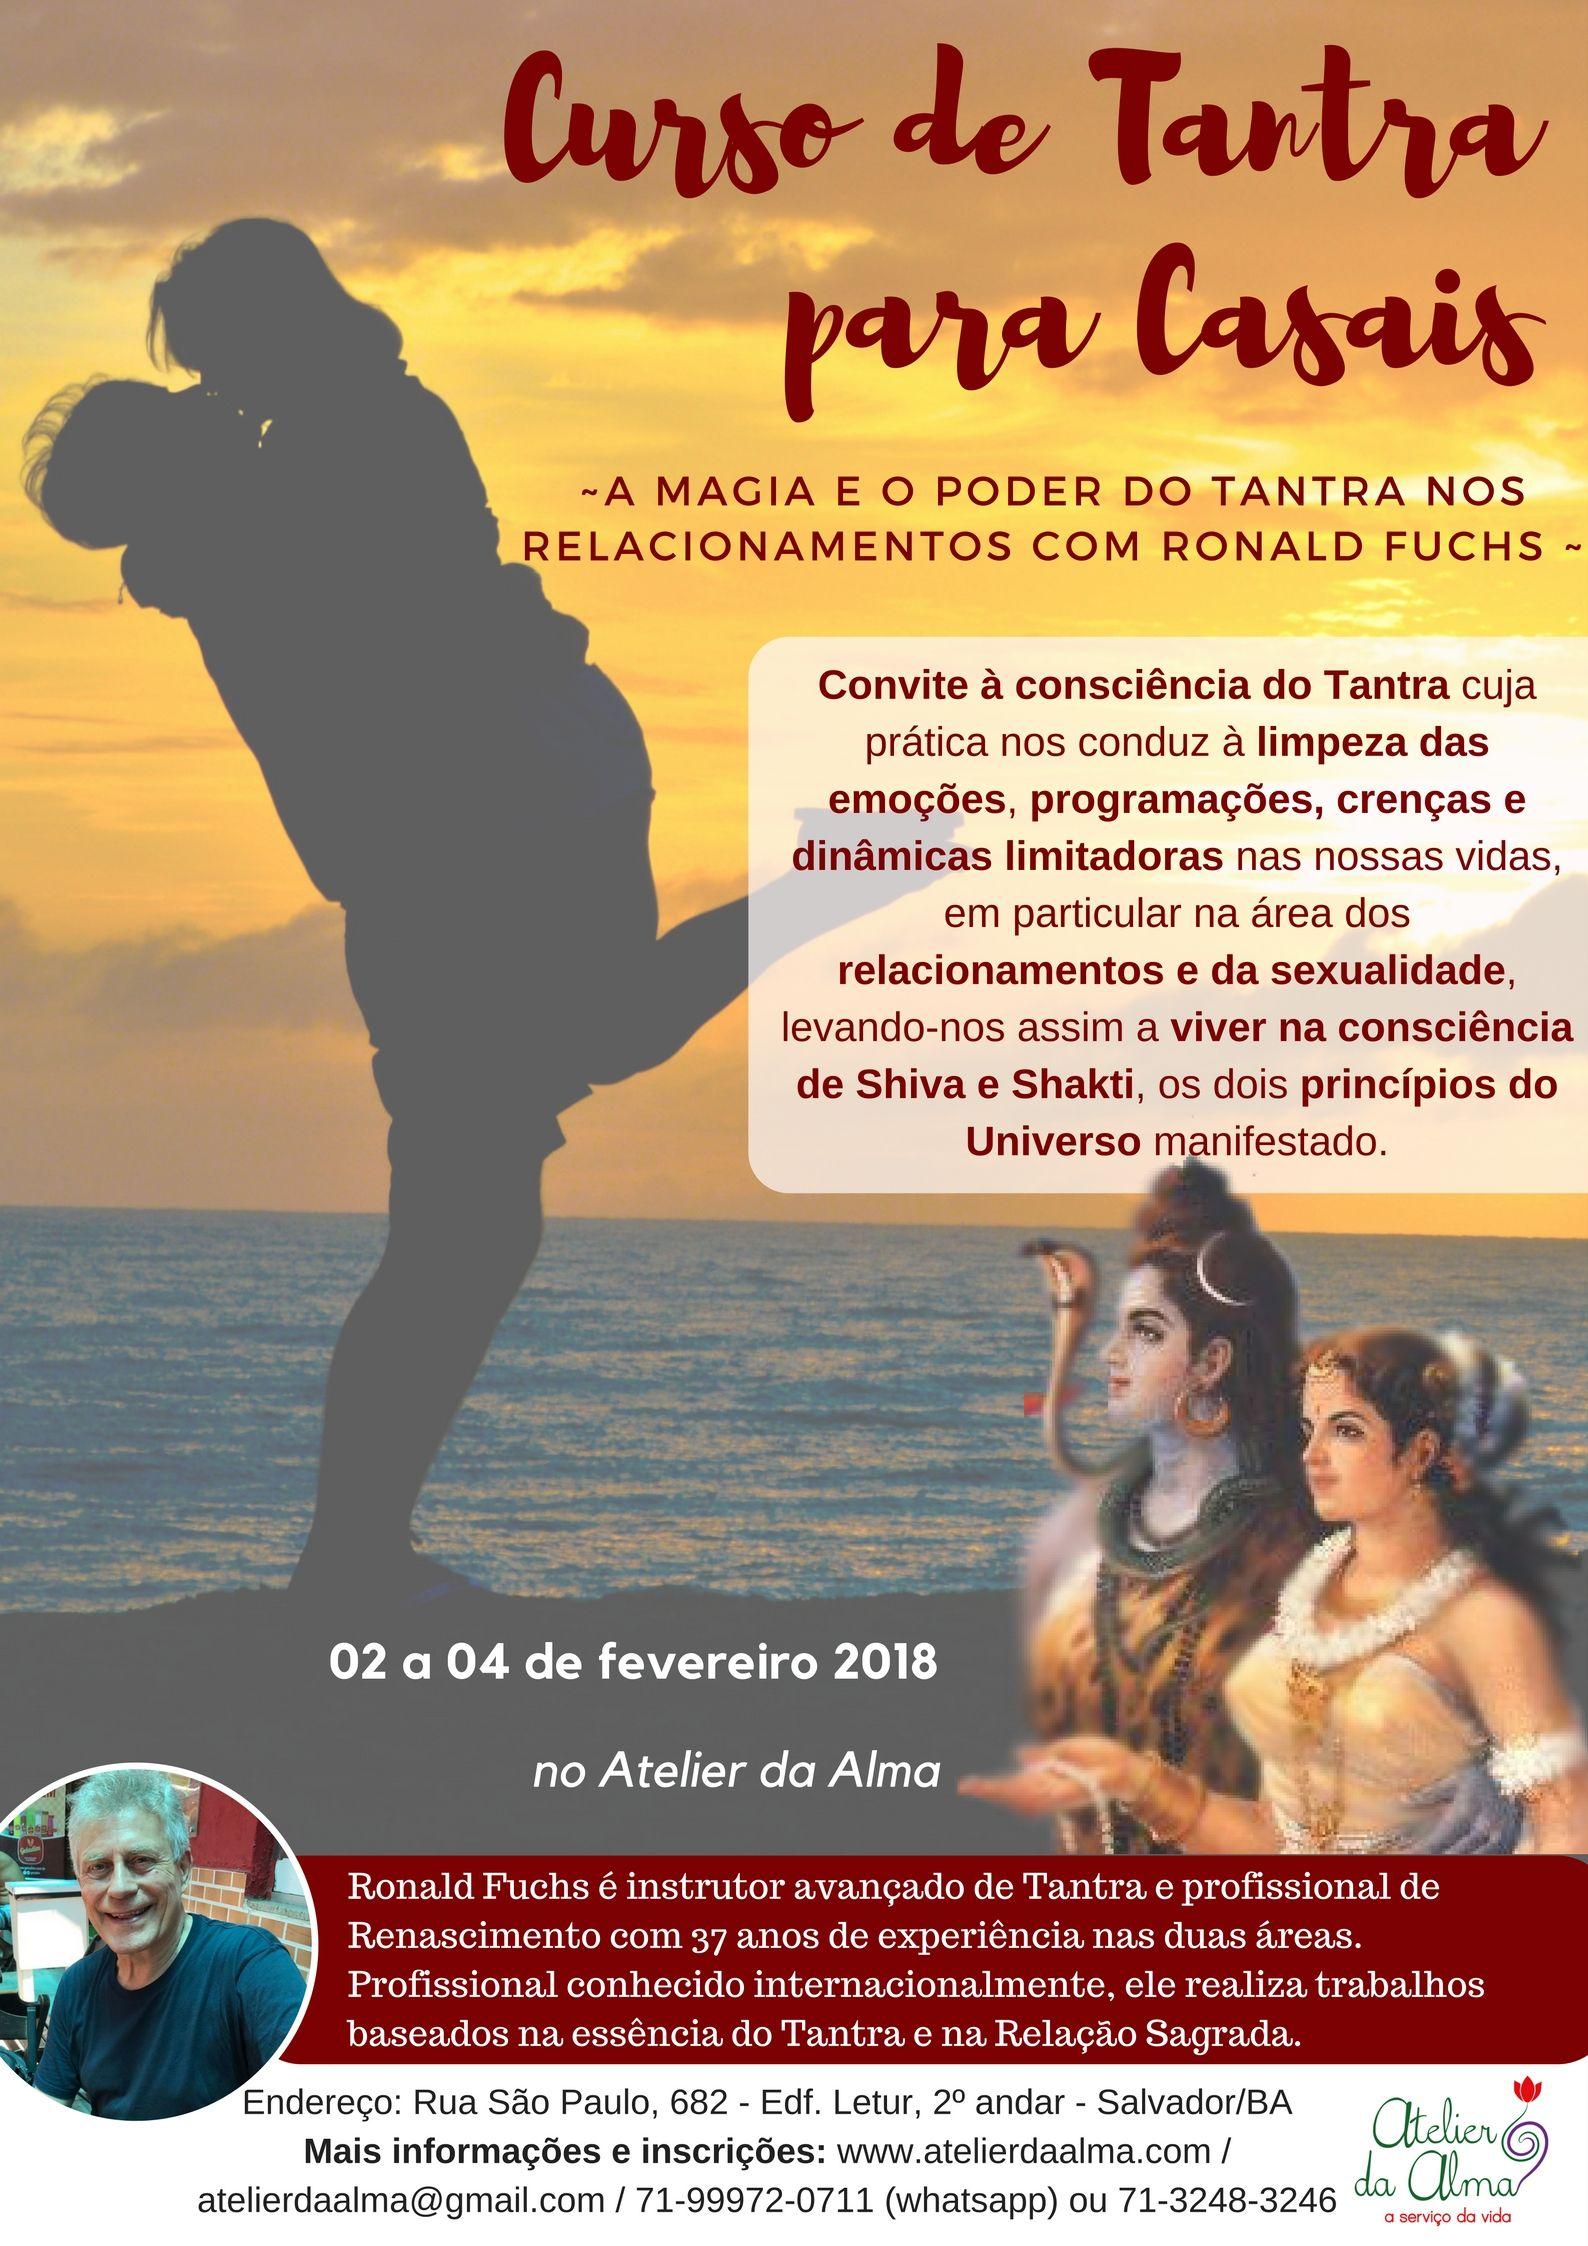 Curso de Tantra para Casais 2 a 4 de Fevereiro en Salvador de Bahía (Brasil)